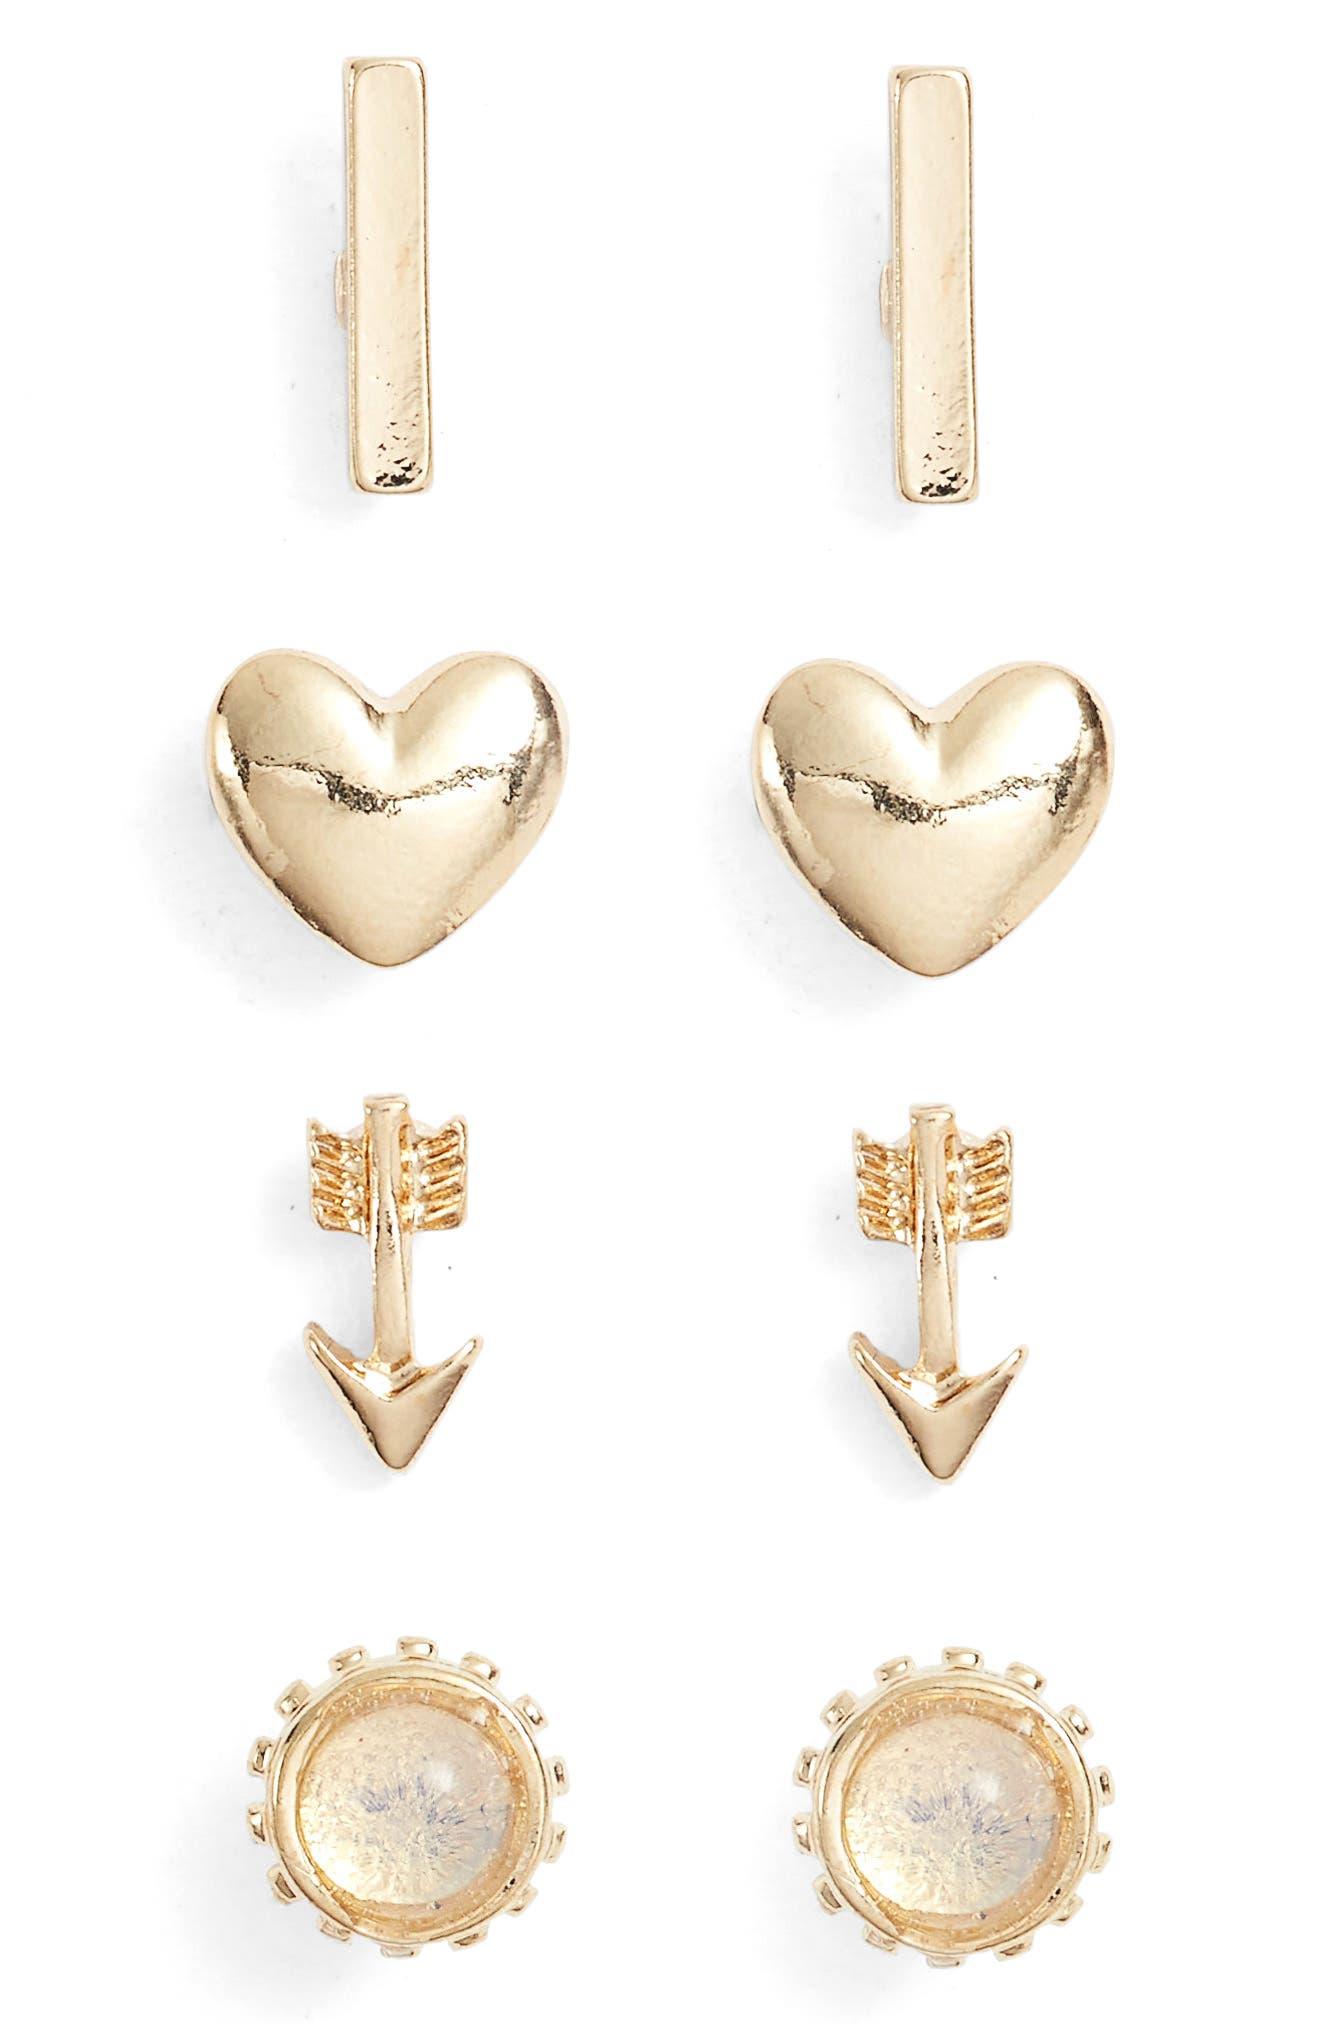 Set of 4 Stud Earrings,                             Main thumbnail 1, color,                             GOLD